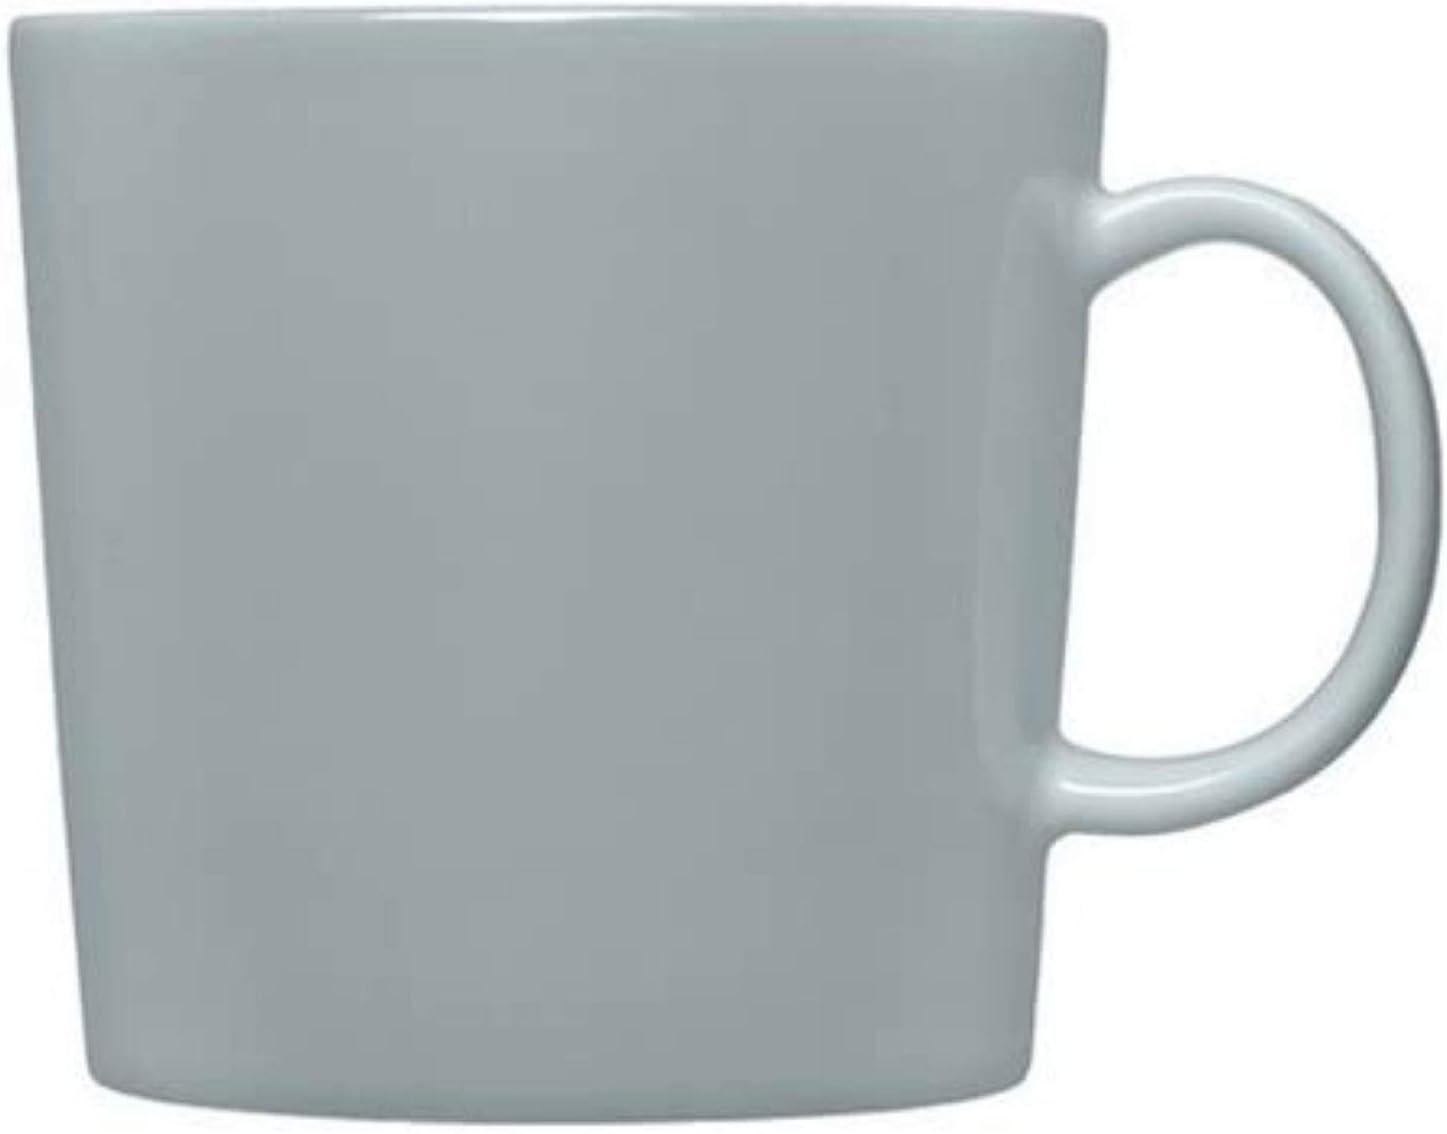 ティファニーの象徴であるブルーとホワイトカラーにリボンがデザインされた人気のマグカップ。こんなにかわいいマグカップで迎える朝はとても幸せな時間に。2組セットで、結婚祝いや誕生日のギフトに喜ばれます。